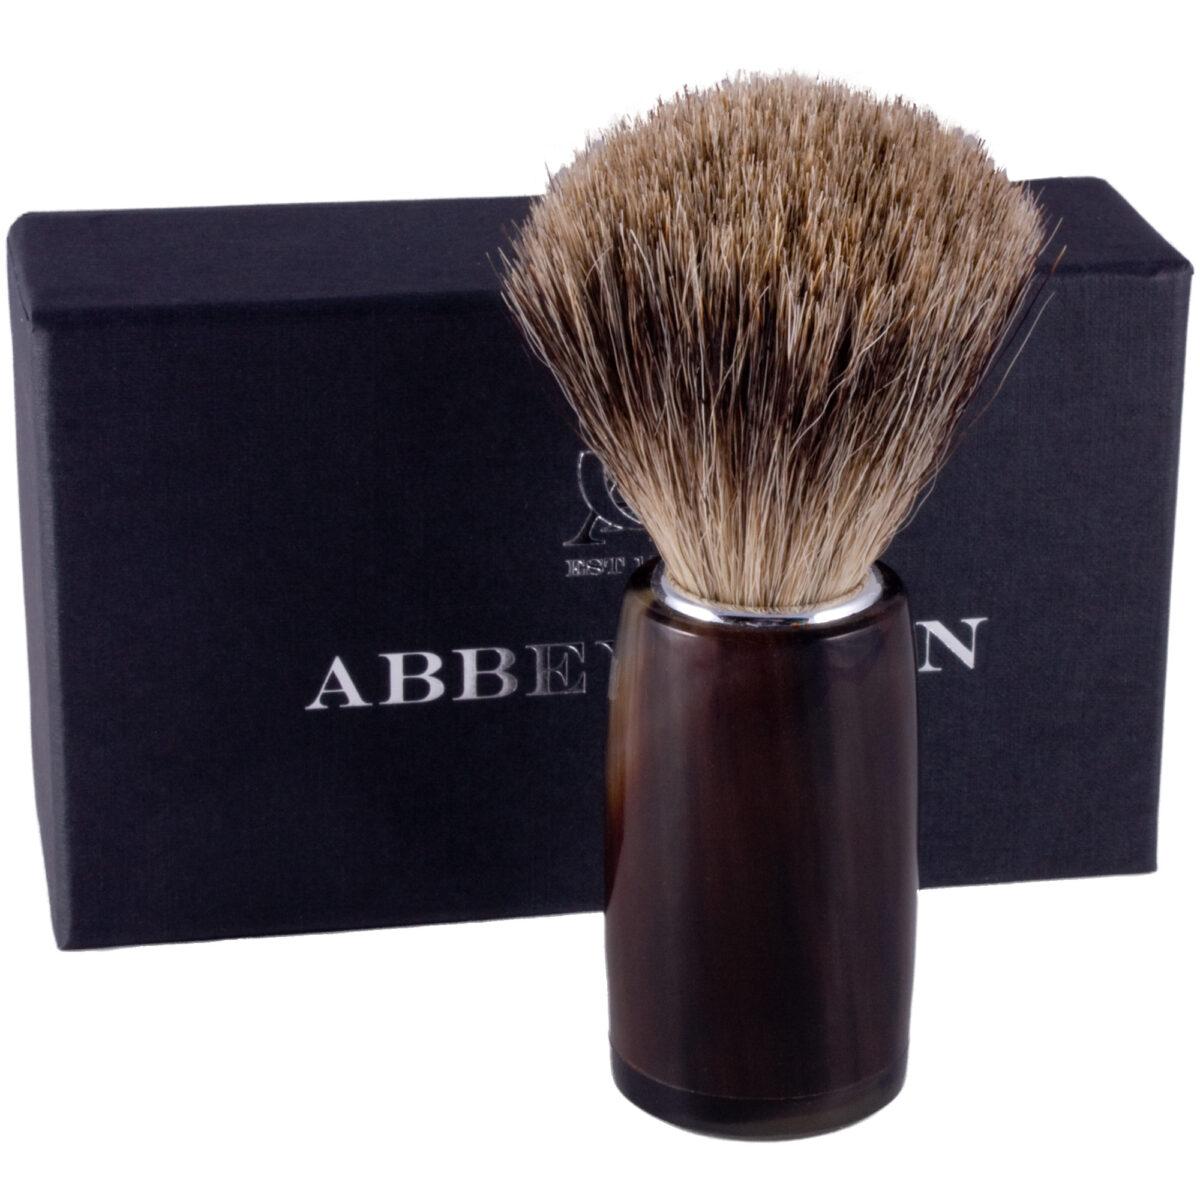 AbbeyHorn Handmade Natural Horn Badger Hair Shaving Brush